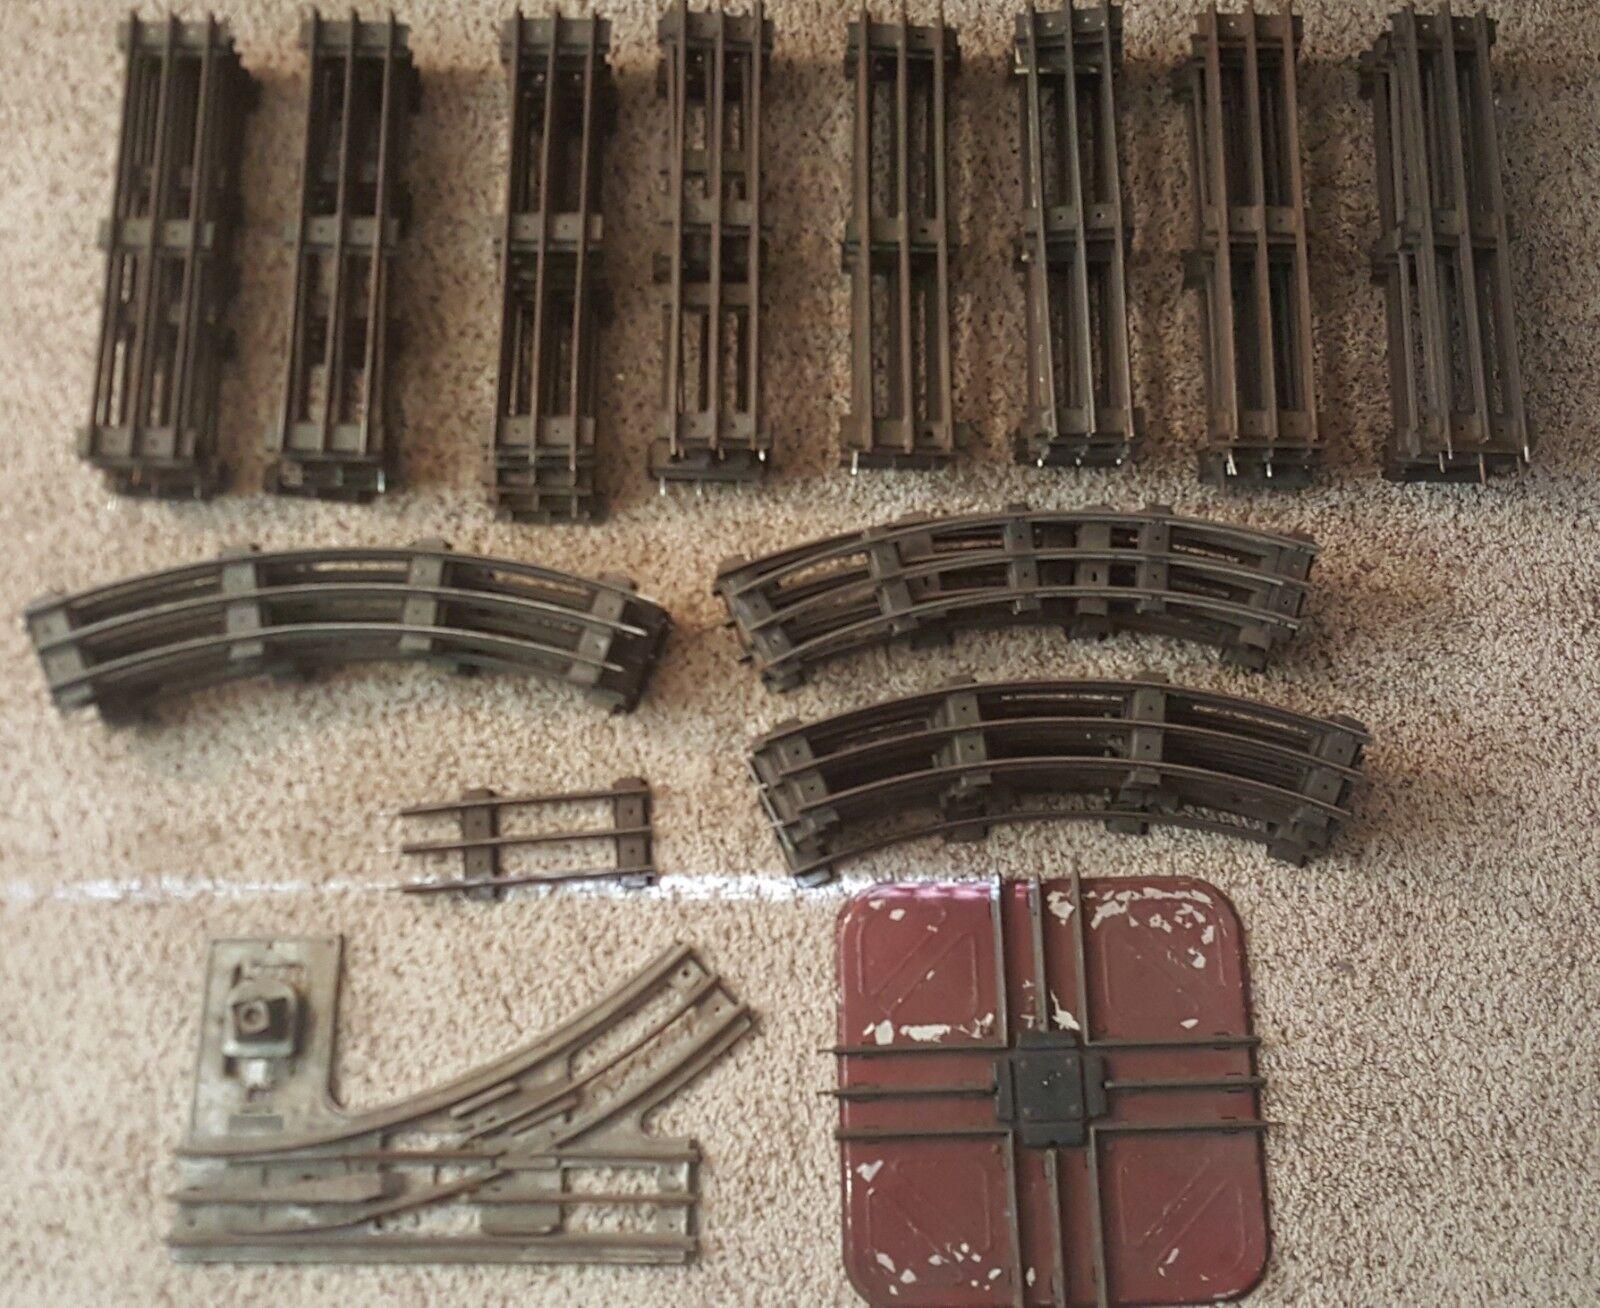 Lote de 59 LionelIves estándar calibre 16 Curvo 40 pistas rectas Lote 1